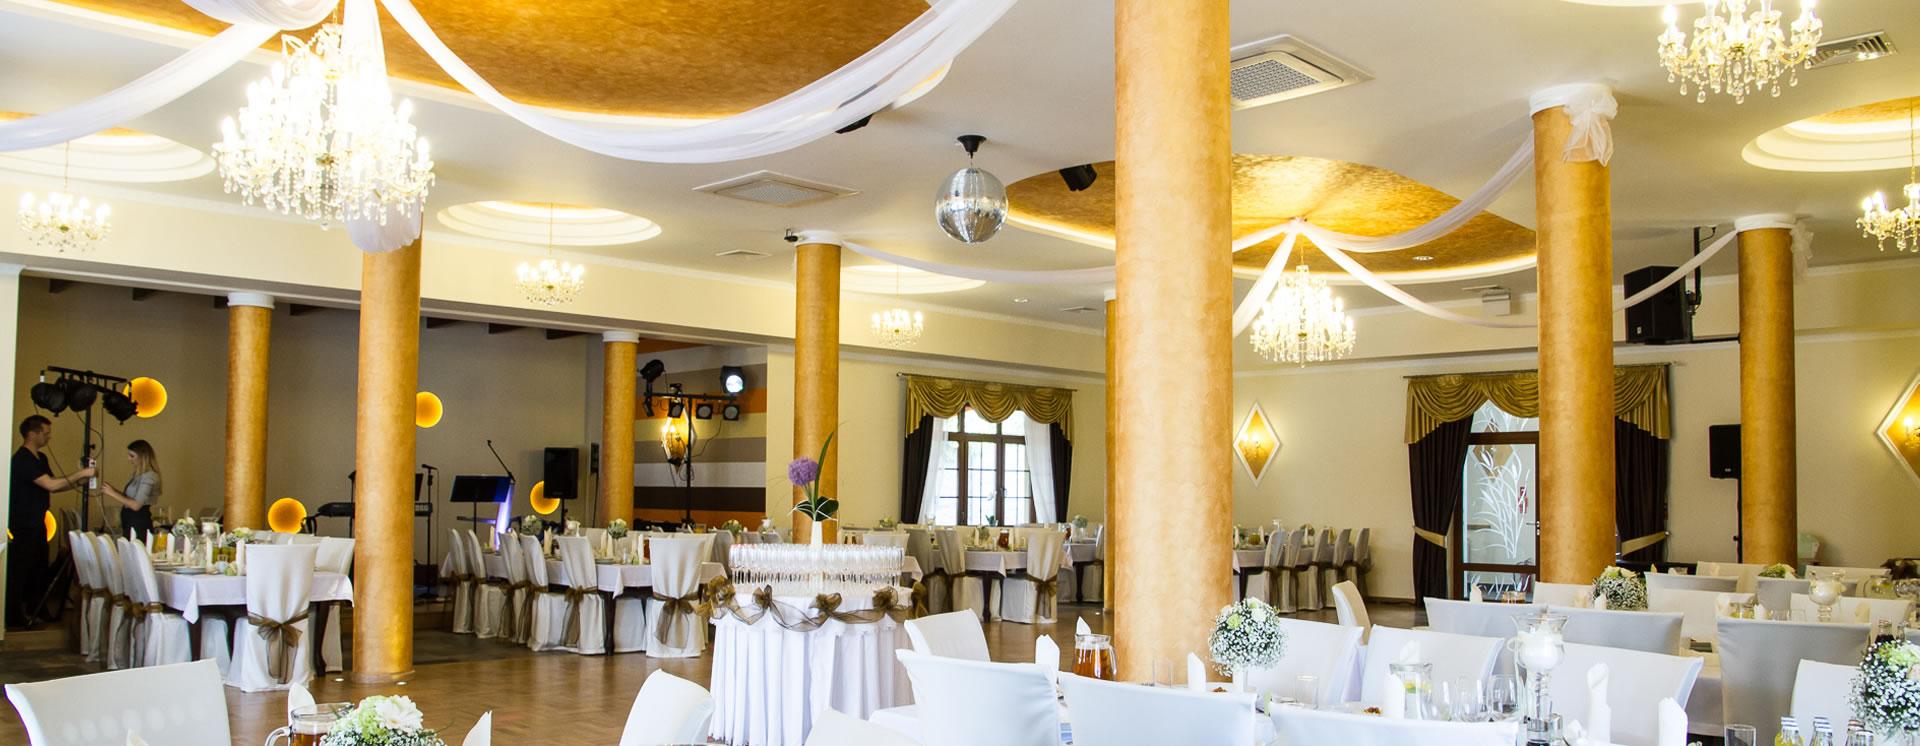 Sala weselna na 160 osób. Joanna Restauracja&Hotel w Kątach Opolskich